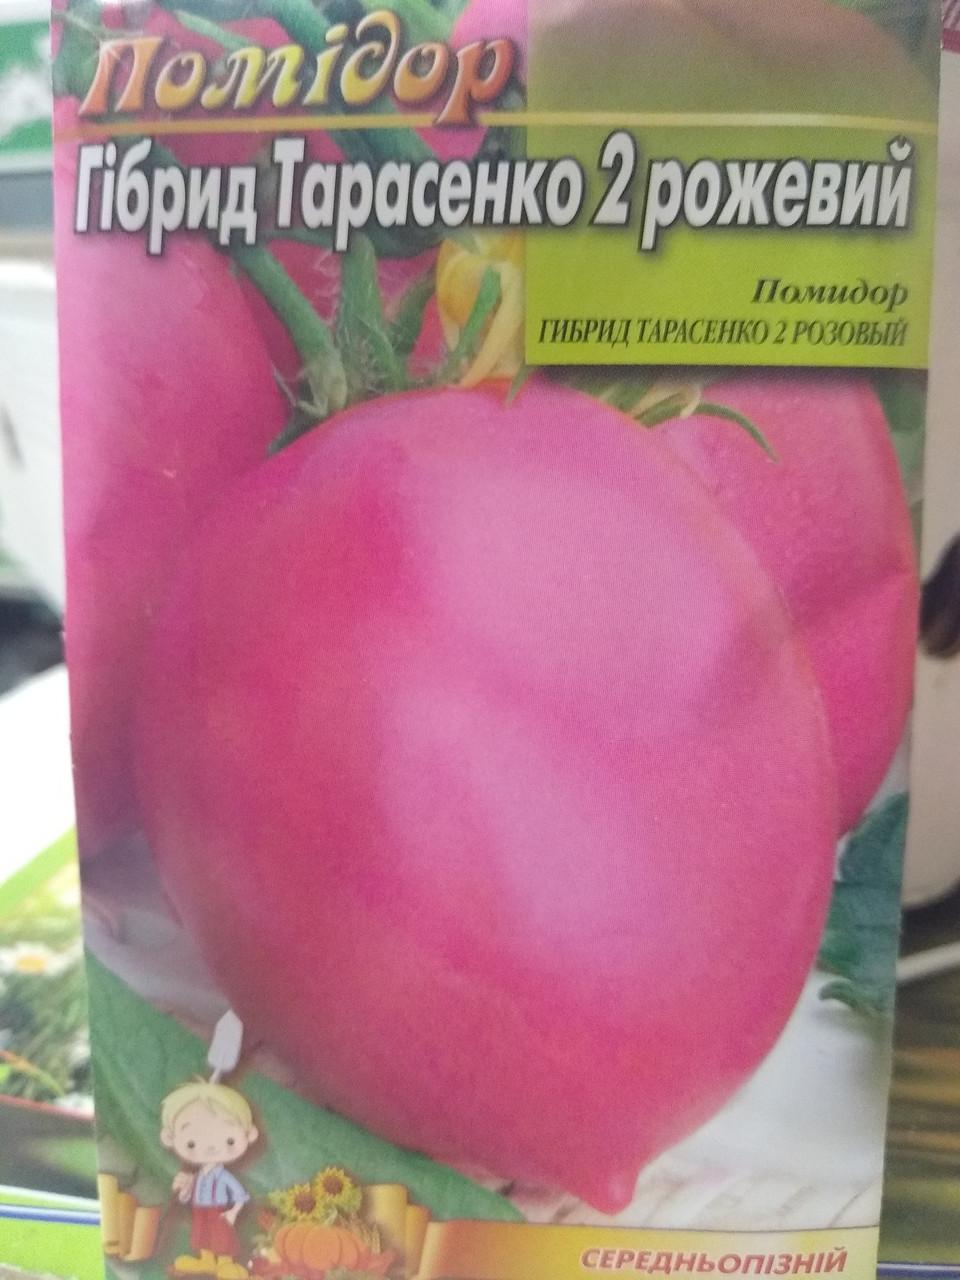 Семена томата среднепозднего гибрид Тарасенко 2 розовый высокорослый 5 грамм Украина